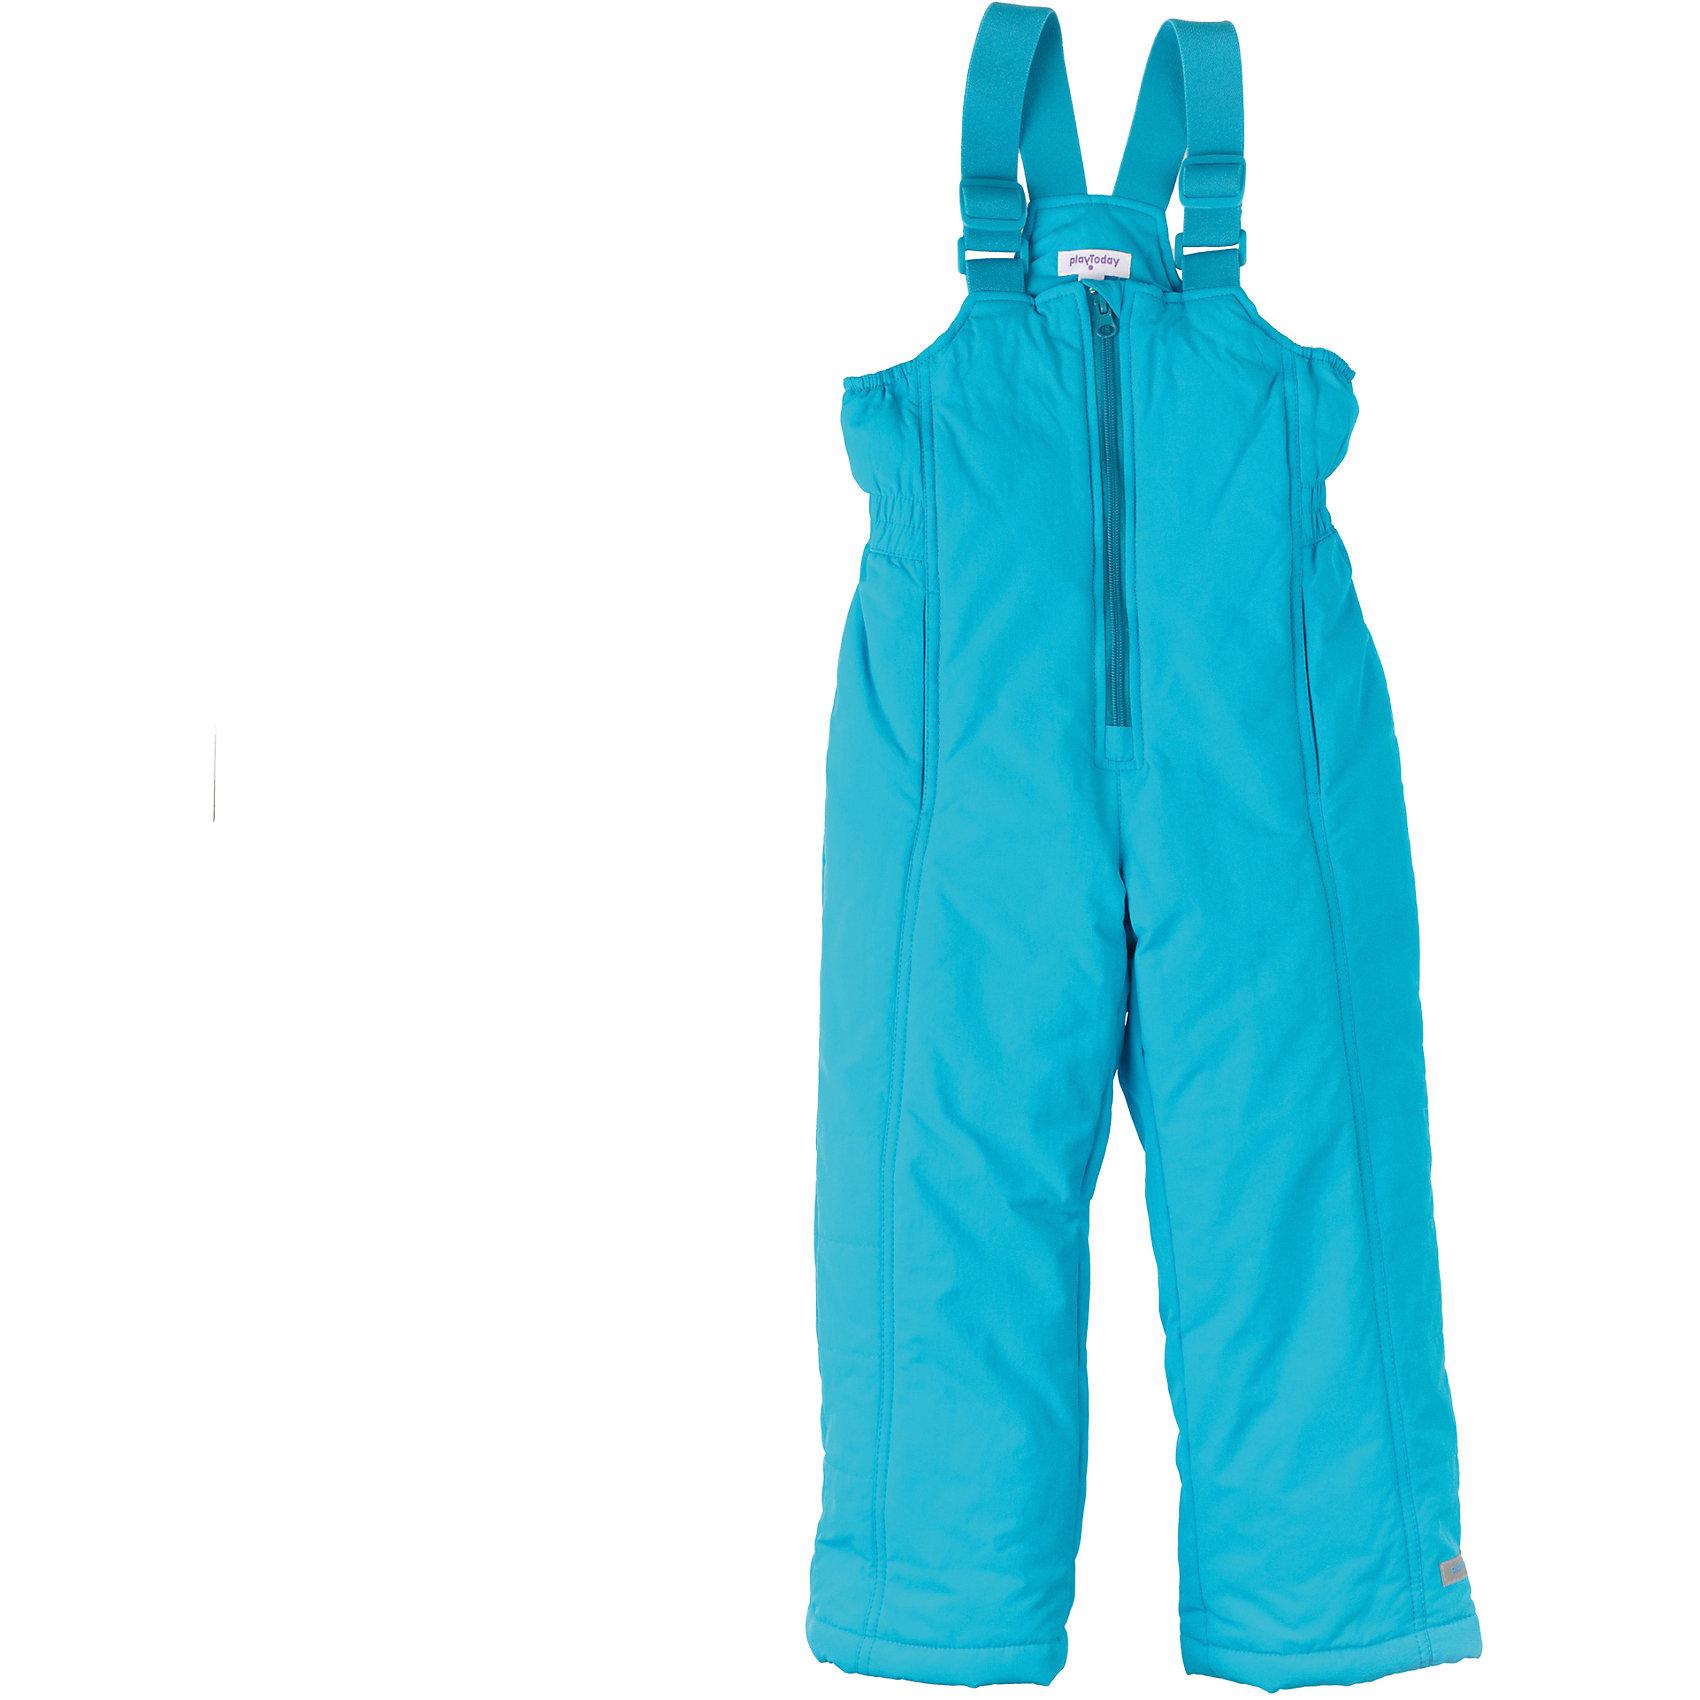 Полукомбинезон для девочки PlayTodayВерхняя одежда<br>Полукомбинезон для девочки PlayToday Теплые полукомбинезон из непромокаемой ткани на подкладке из флиса. Низ втягивается стопперами, есть два кармана. Удобные лямки-резинки, дополнительно регулируются по размеру. Состав: Верх: 100% нейлон, подкладка: 100% полиэстер, наполнитель: 100% полиэстер<br><br>Ширина мм: 215<br>Глубина мм: 88<br>Высота мм: 191<br>Вес г: 336<br>Цвет: голубой<br>Возраст от месяцев: 48<br>Возраст до месяцев: 60<br>Пол: Женский<br>Возраст: Детский<br>Размер: 110,122,128,116,104,98<br>SKU: 4228643